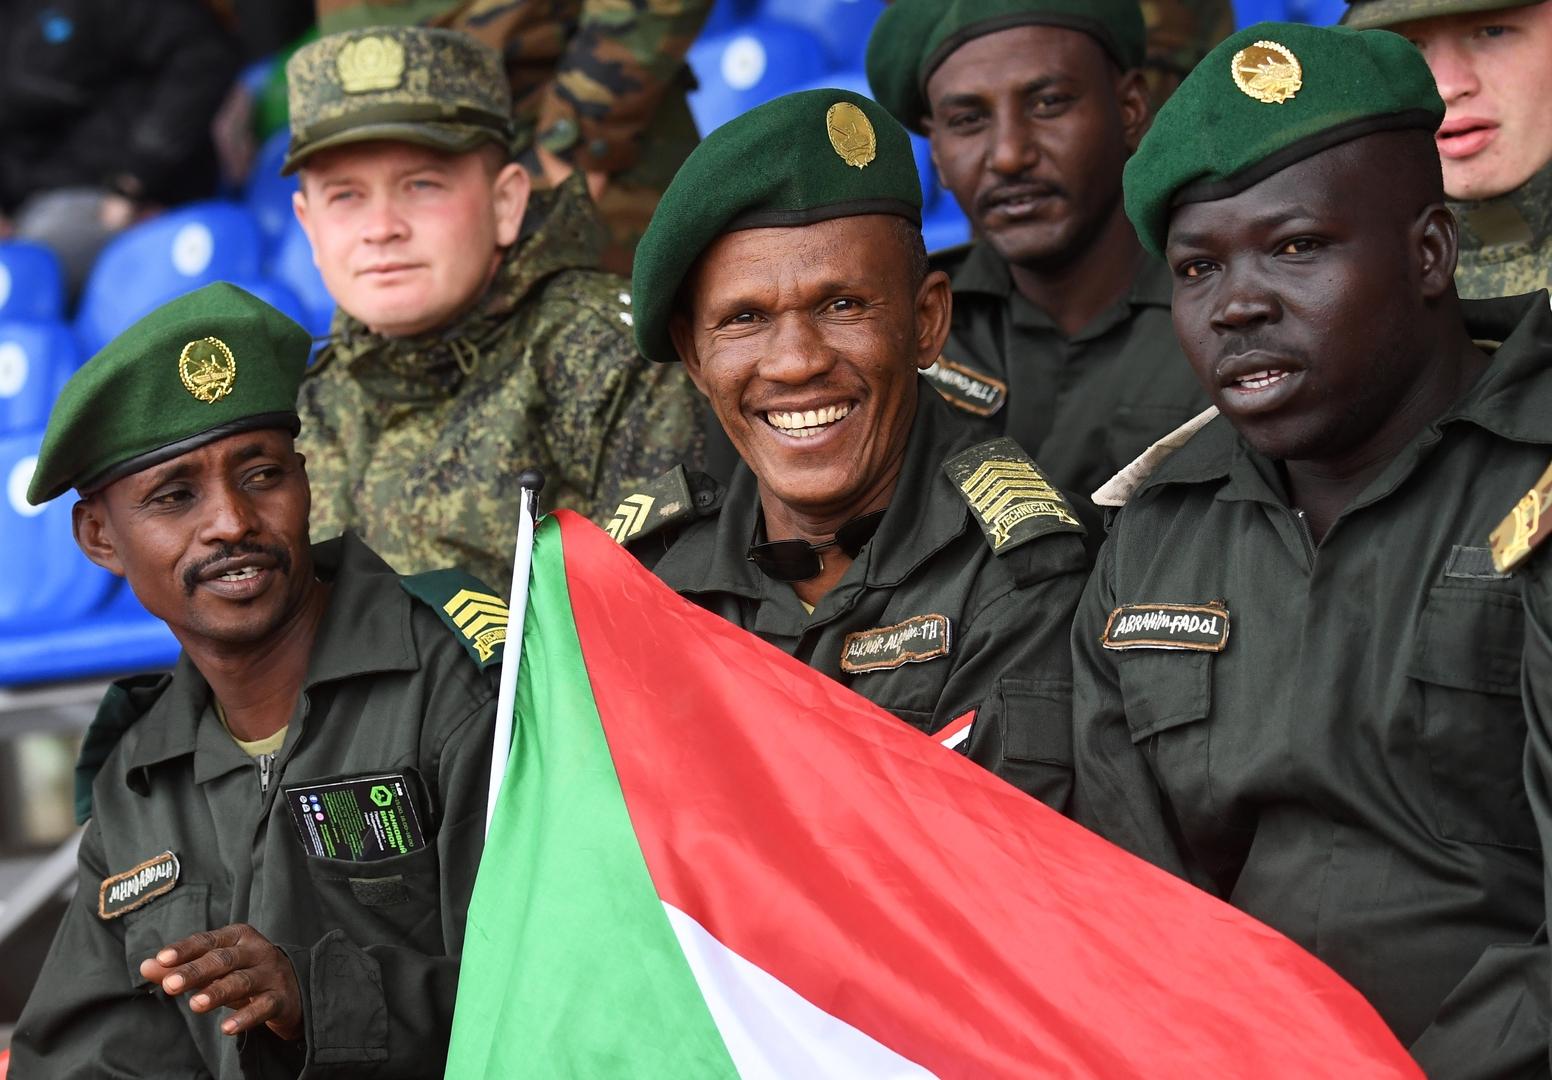 السودان.. البرهان وحميداتي يؤكدان على أهمية دور القوات المسلحة ويهاجمان السياسيين